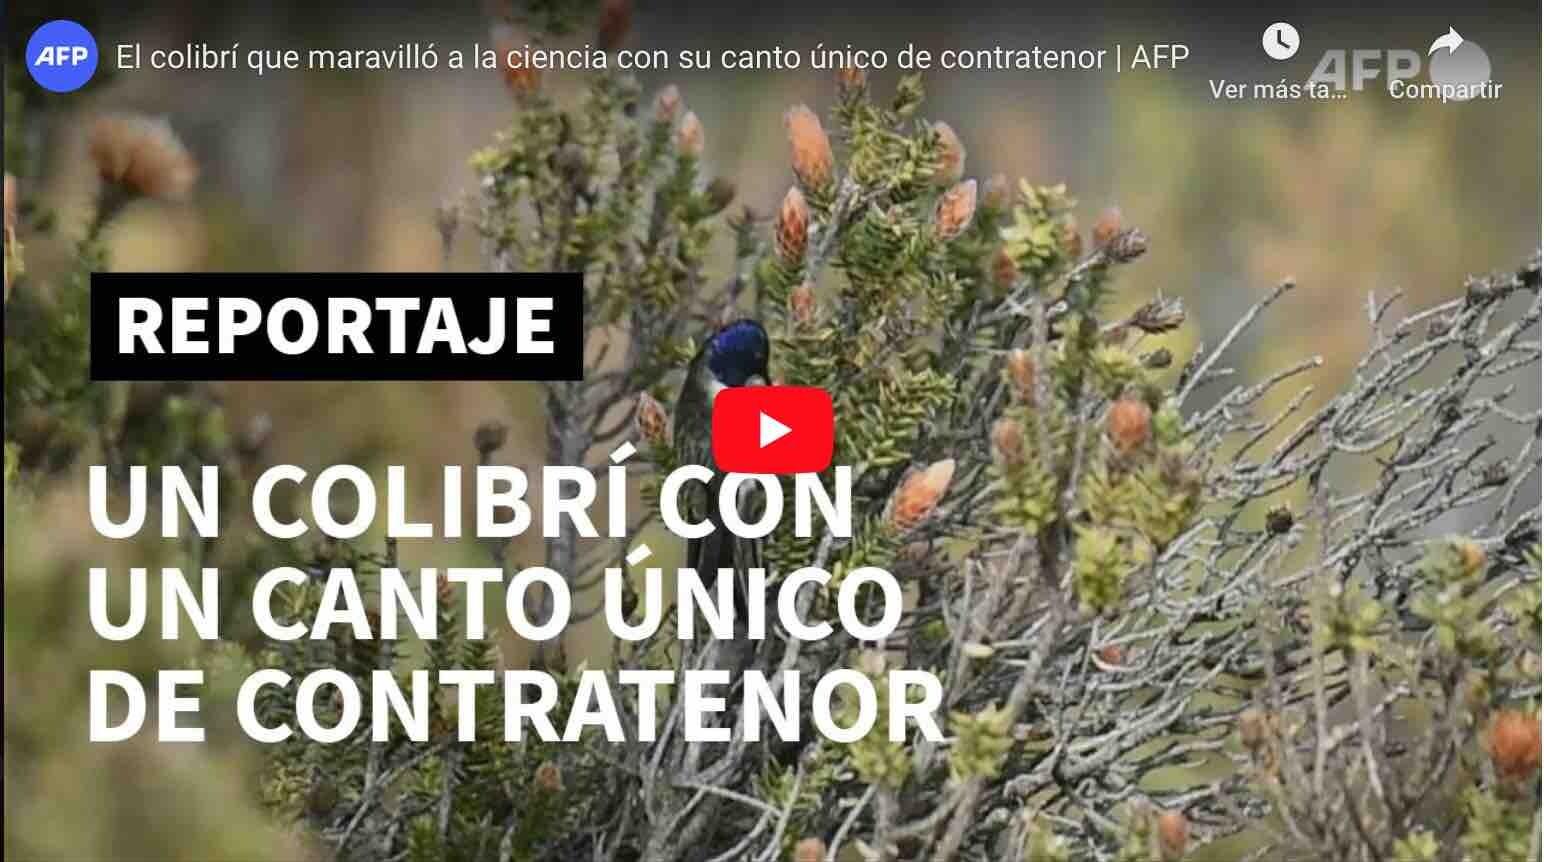 VIDEO: MUY INTERESANTE – El colibrí del Chimborazo entona las notas más agudas del mundo.